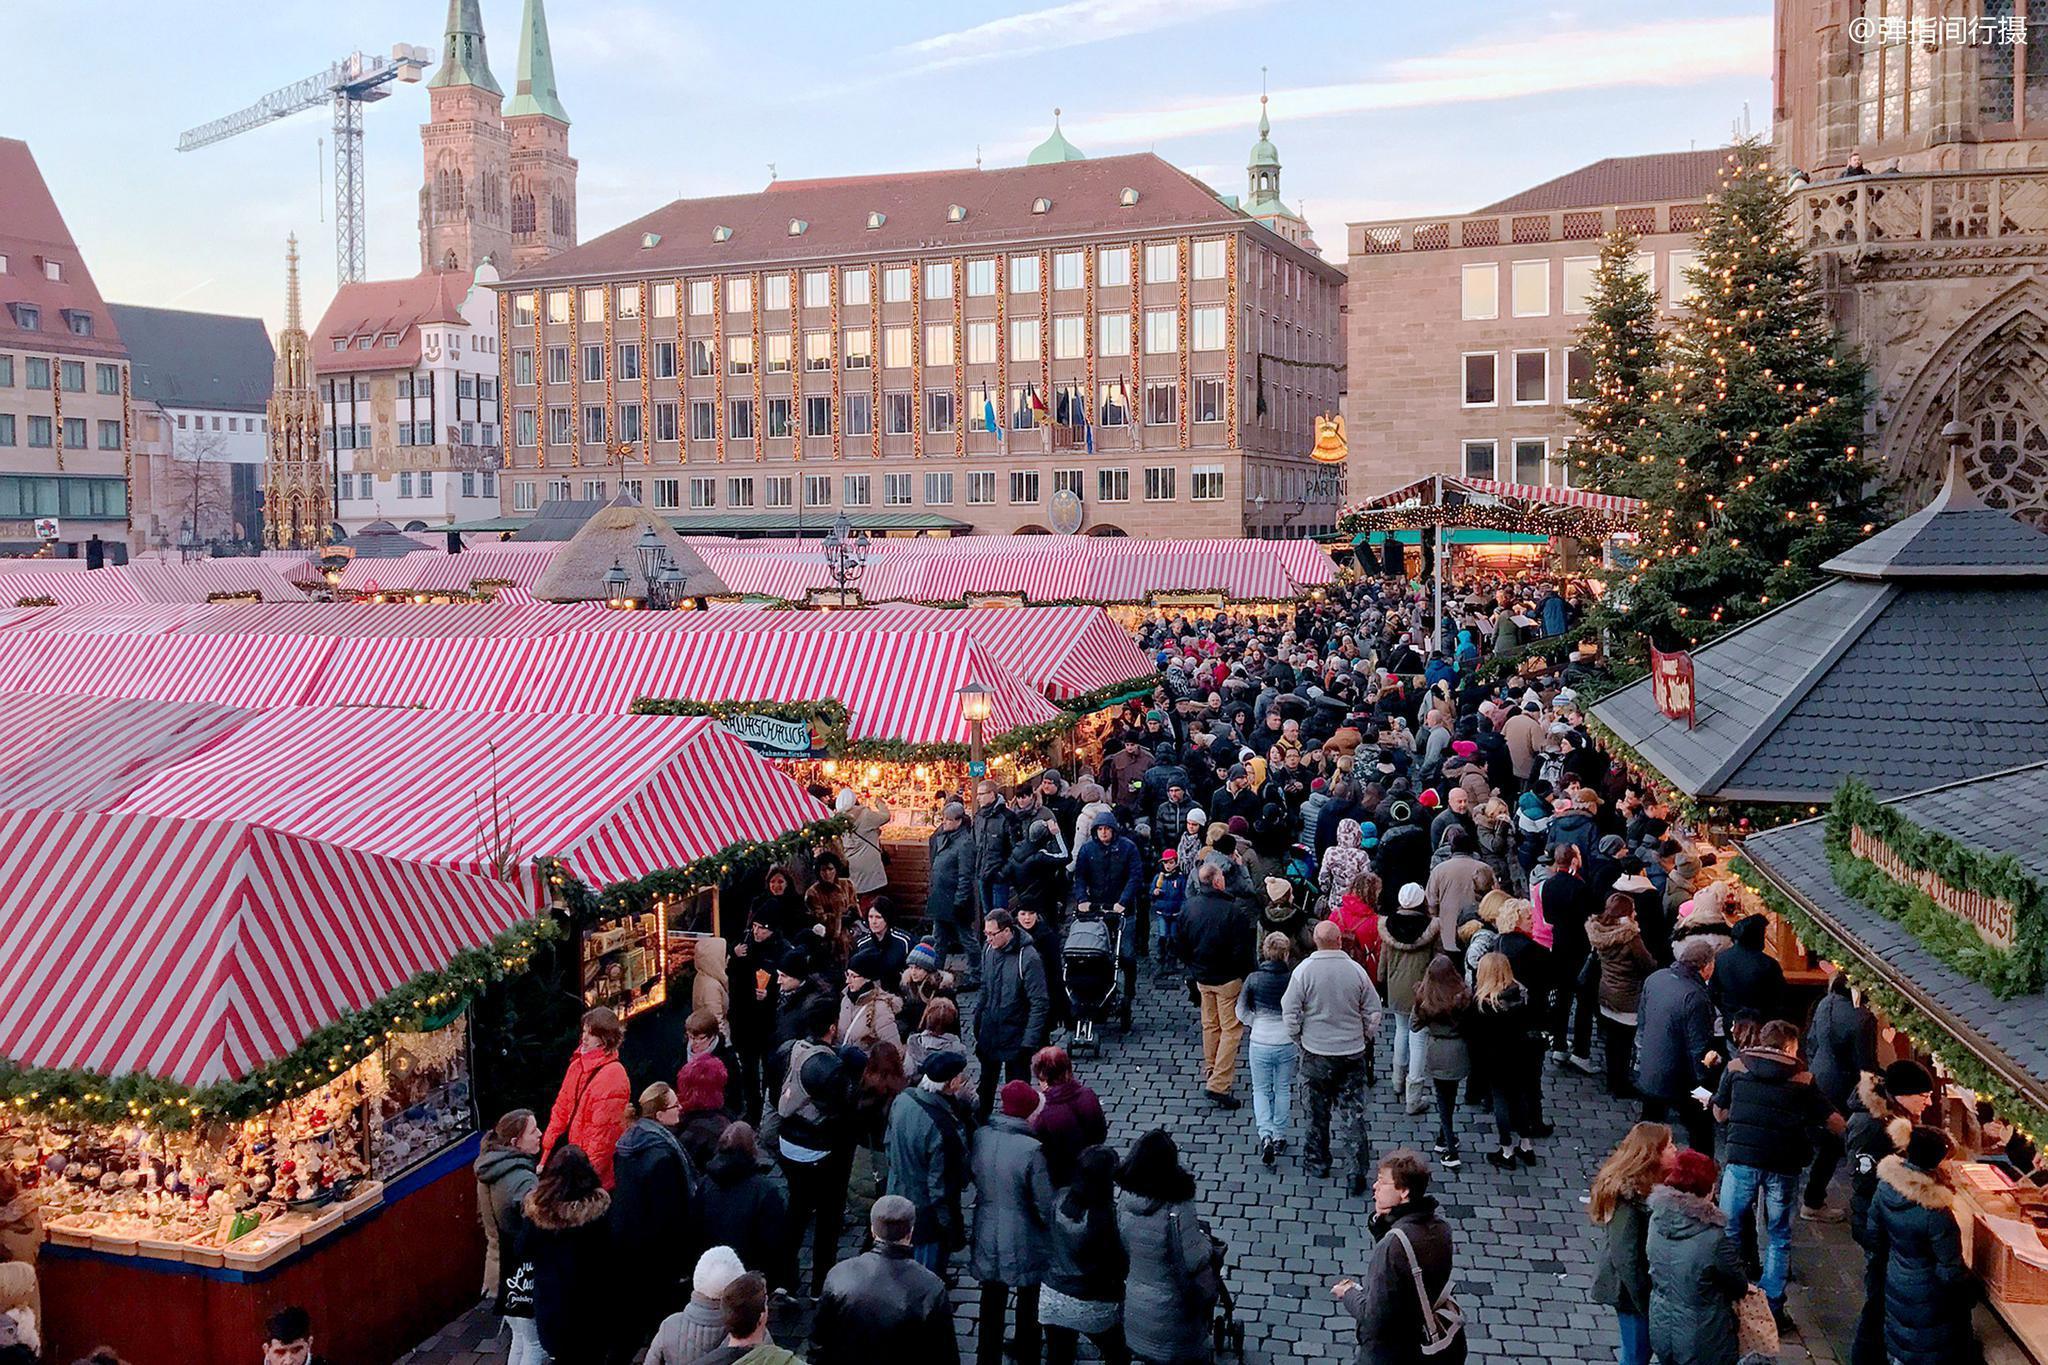 """德国最古老的圣诞集市,每年200万人参加,民众集体""""逛街淘宝"""""""